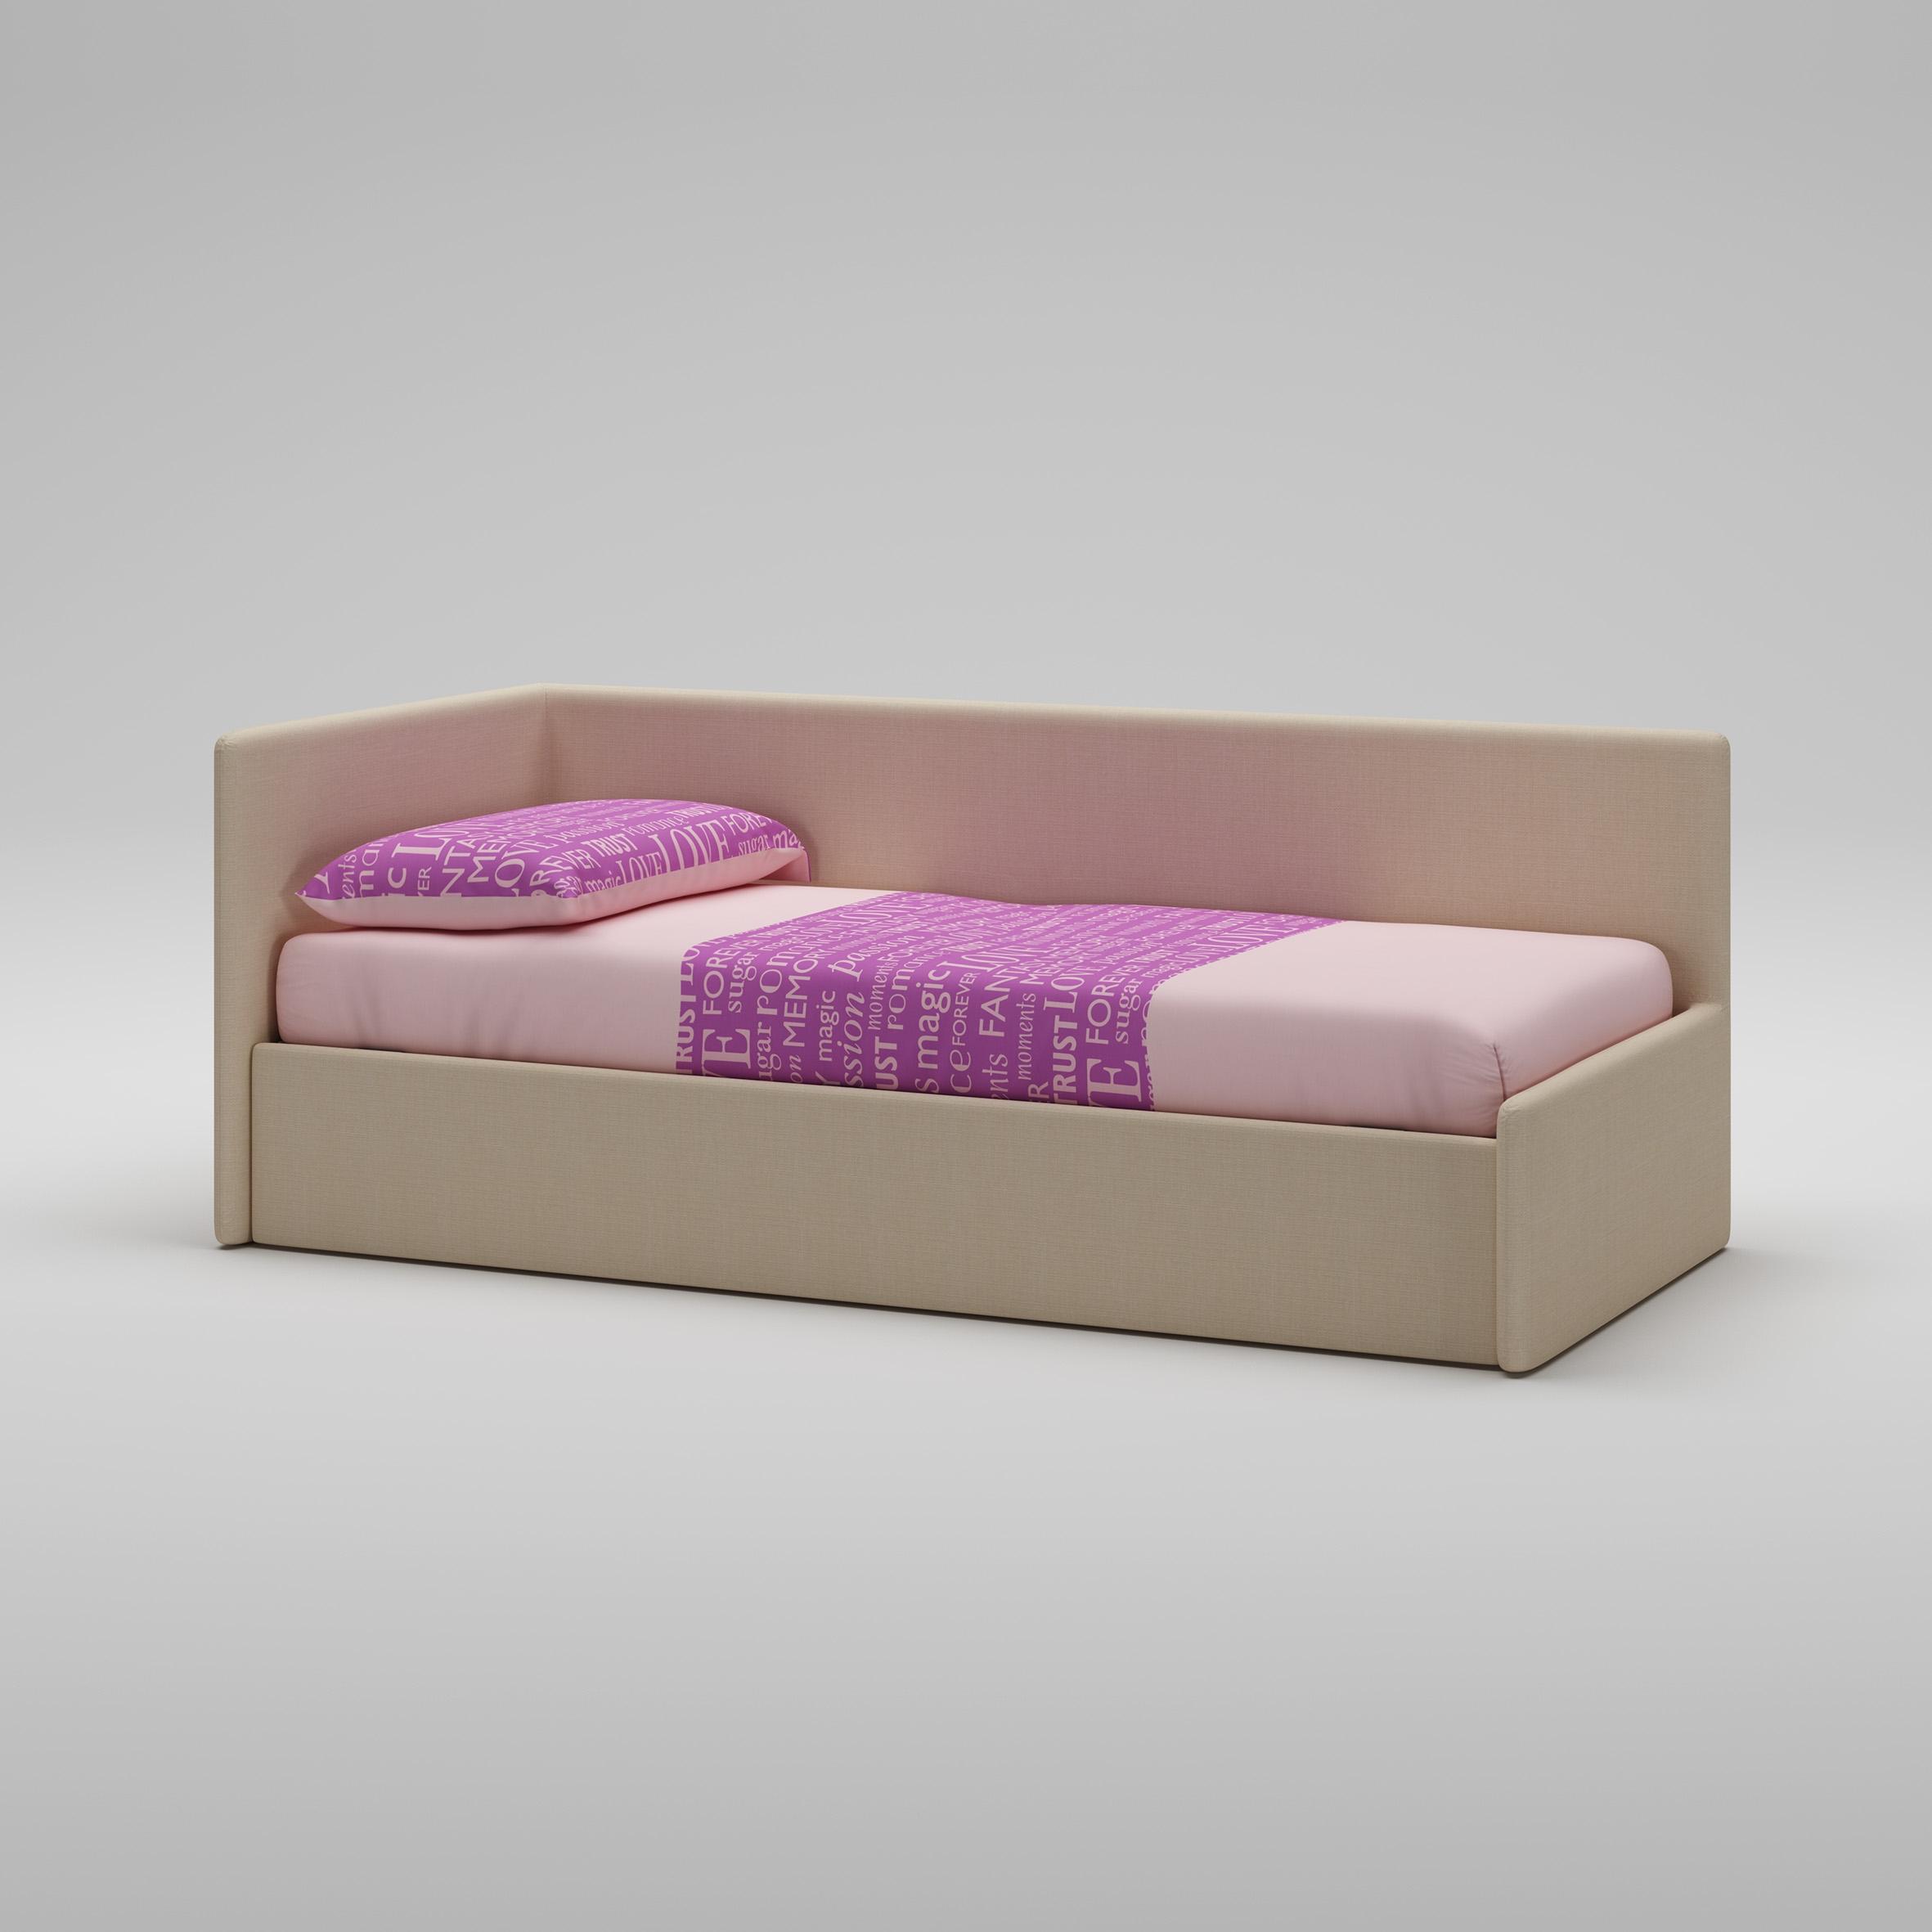 Lit canap design de couleur corde en tissu moretti compact so nuit for Raviver couleur canape tissu